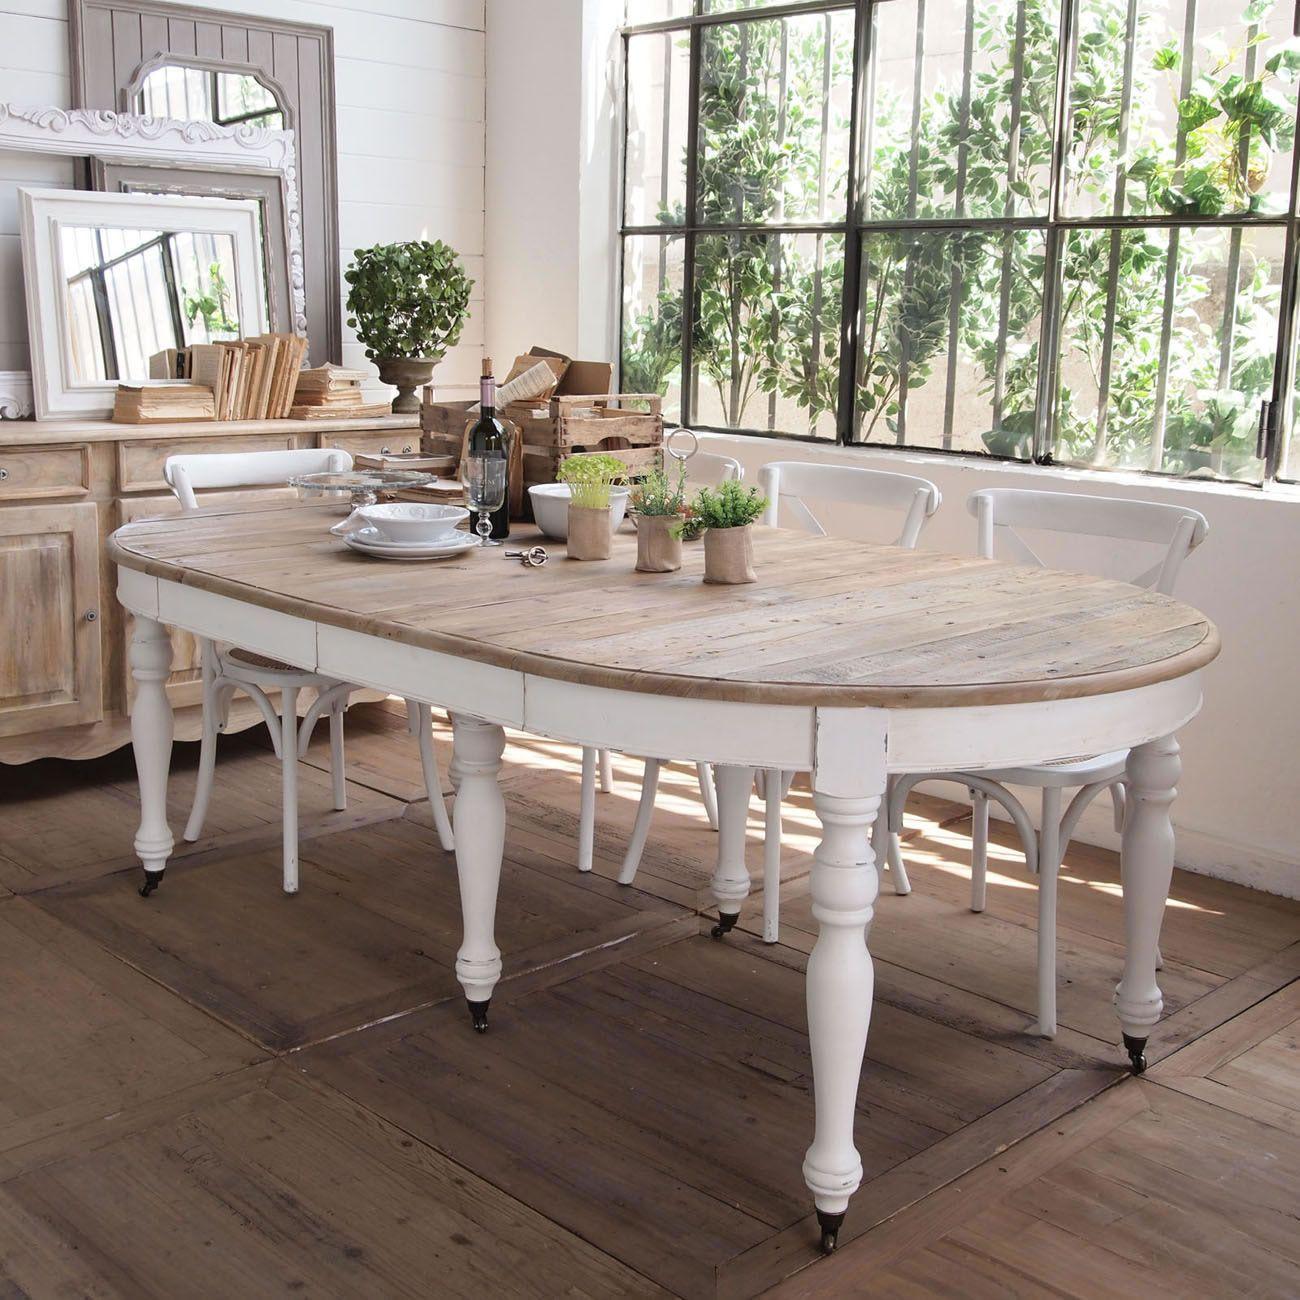 Tavolo Tondo In Legno Allungabile.Acquista Online Il Tavolo Rotondo Allungabile Fashion White Di